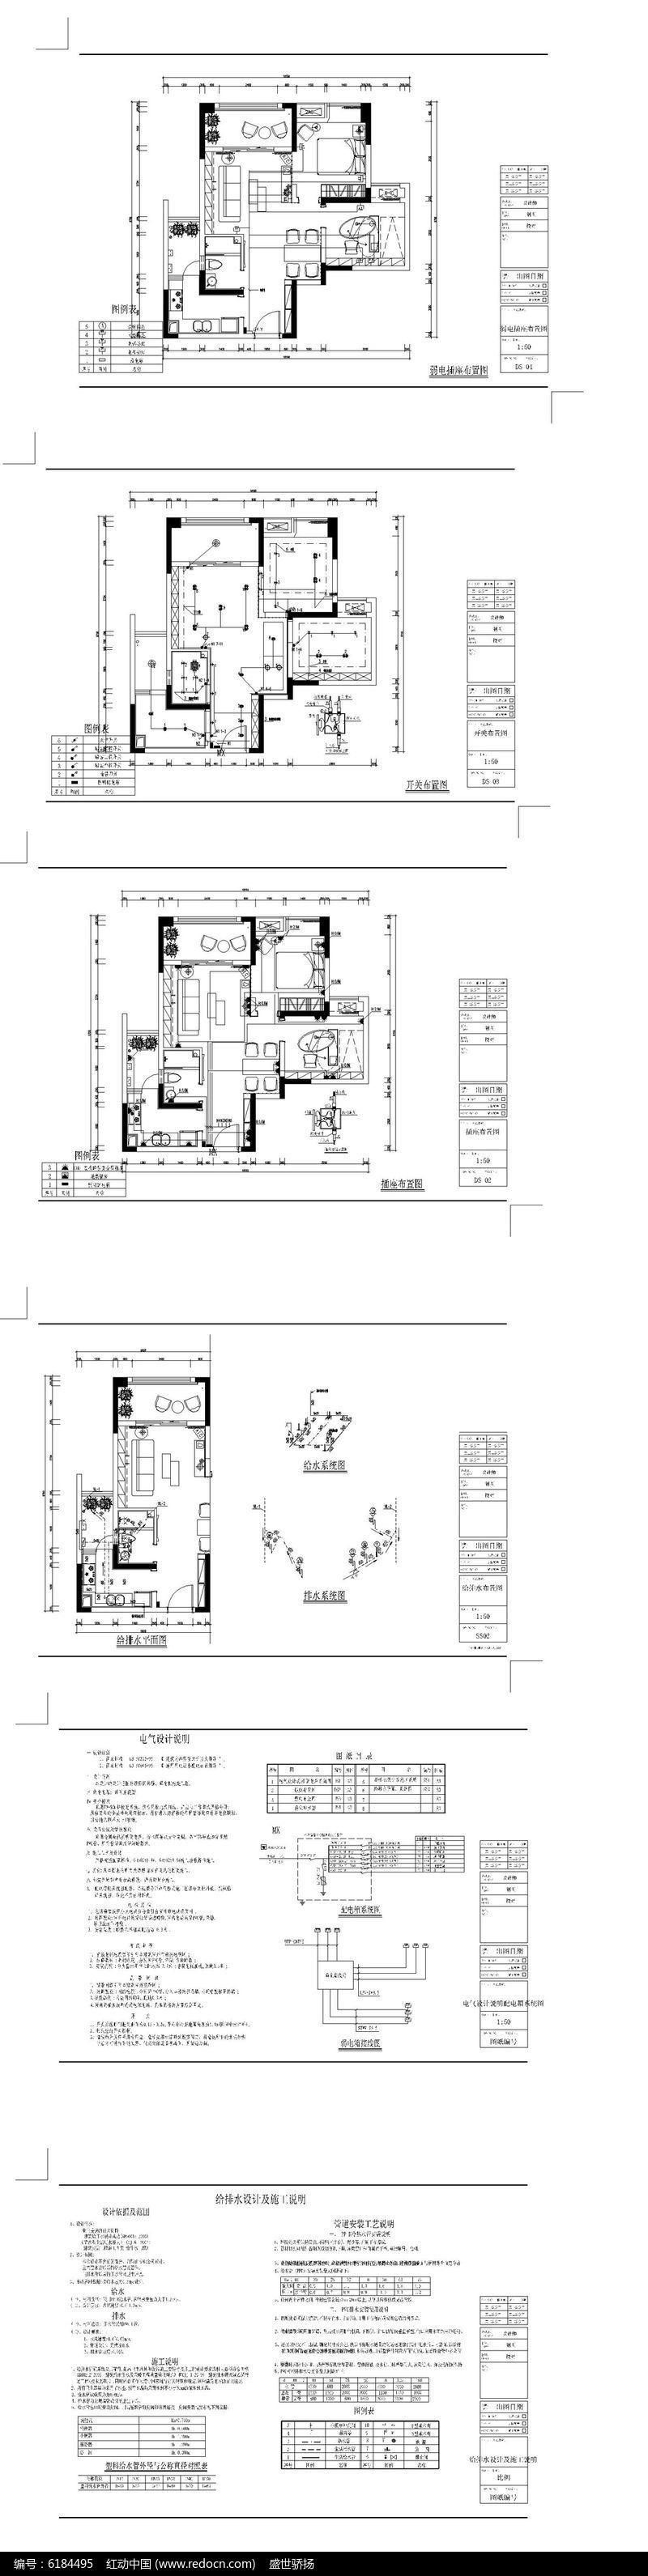 家居水电施工图图片